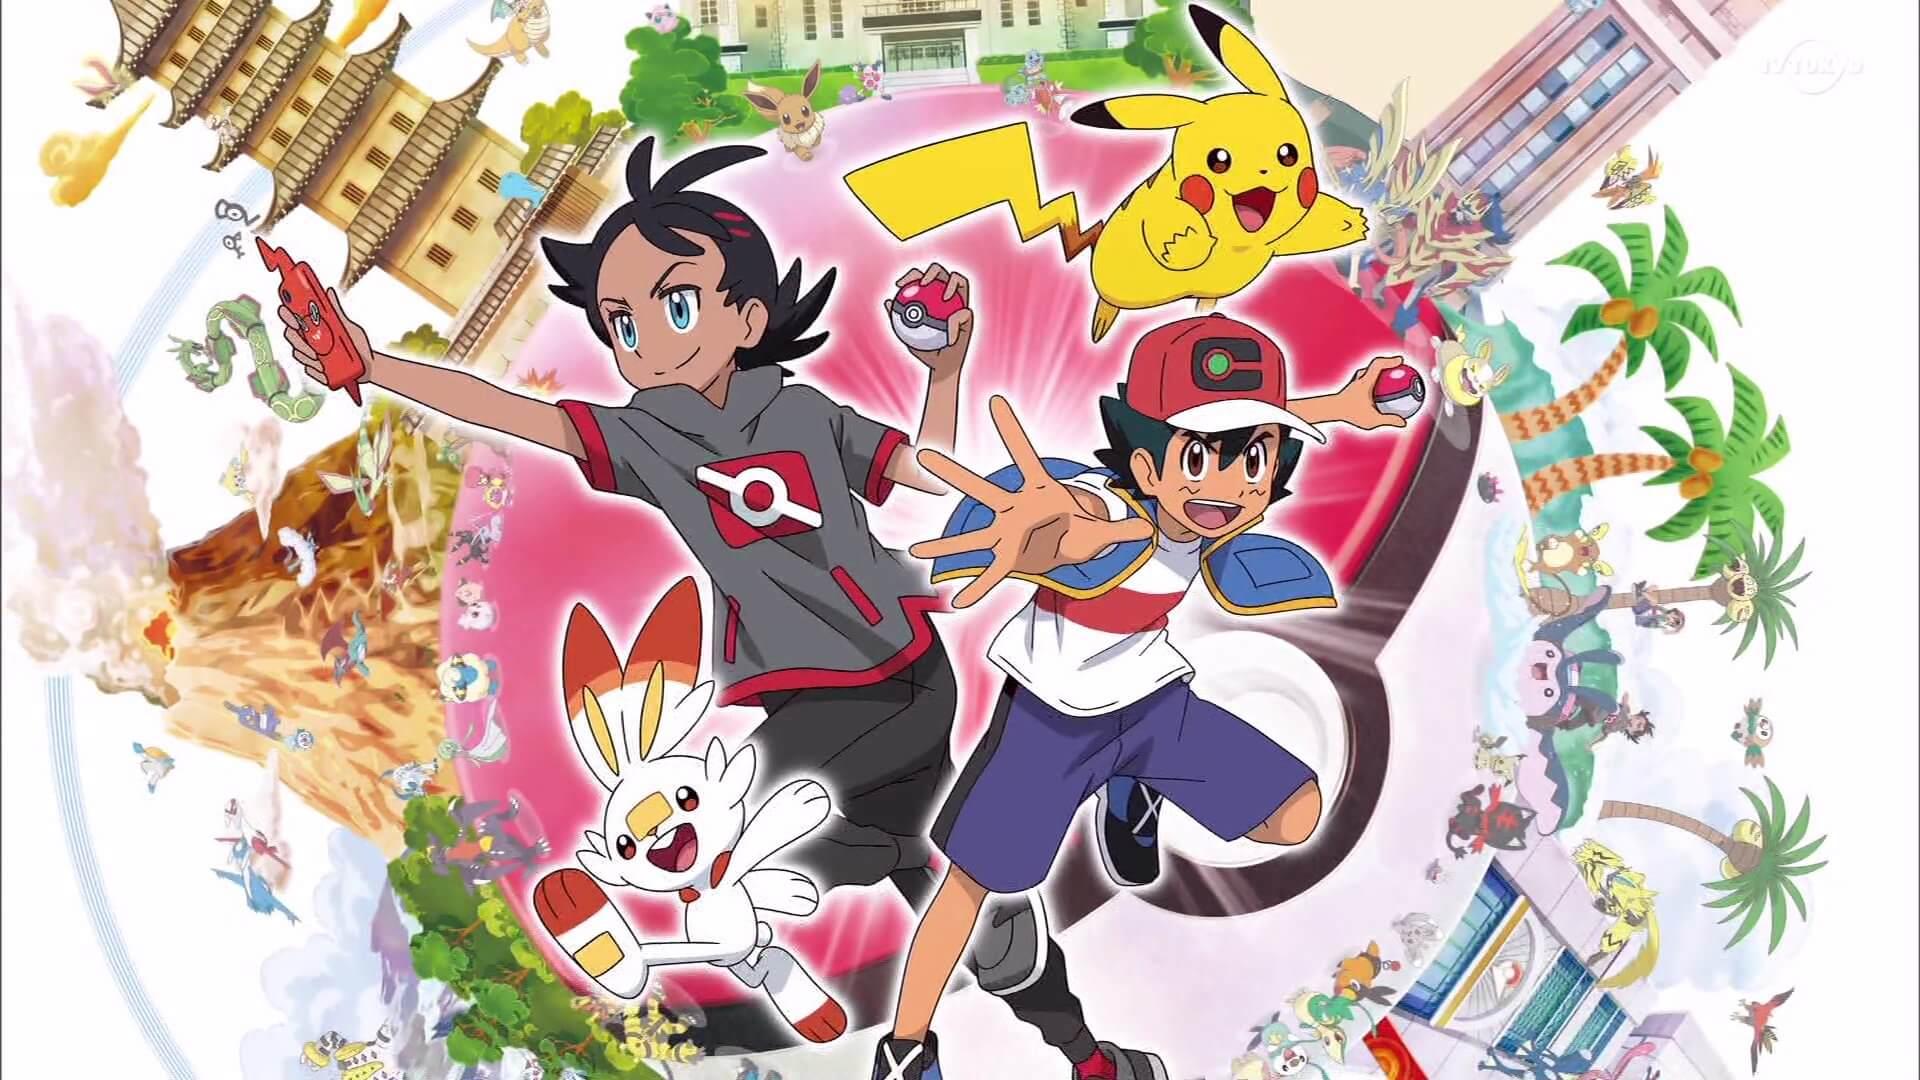 Pokémon Journeys: the Series sería el título en occidente del nuevo anime de Pokémon